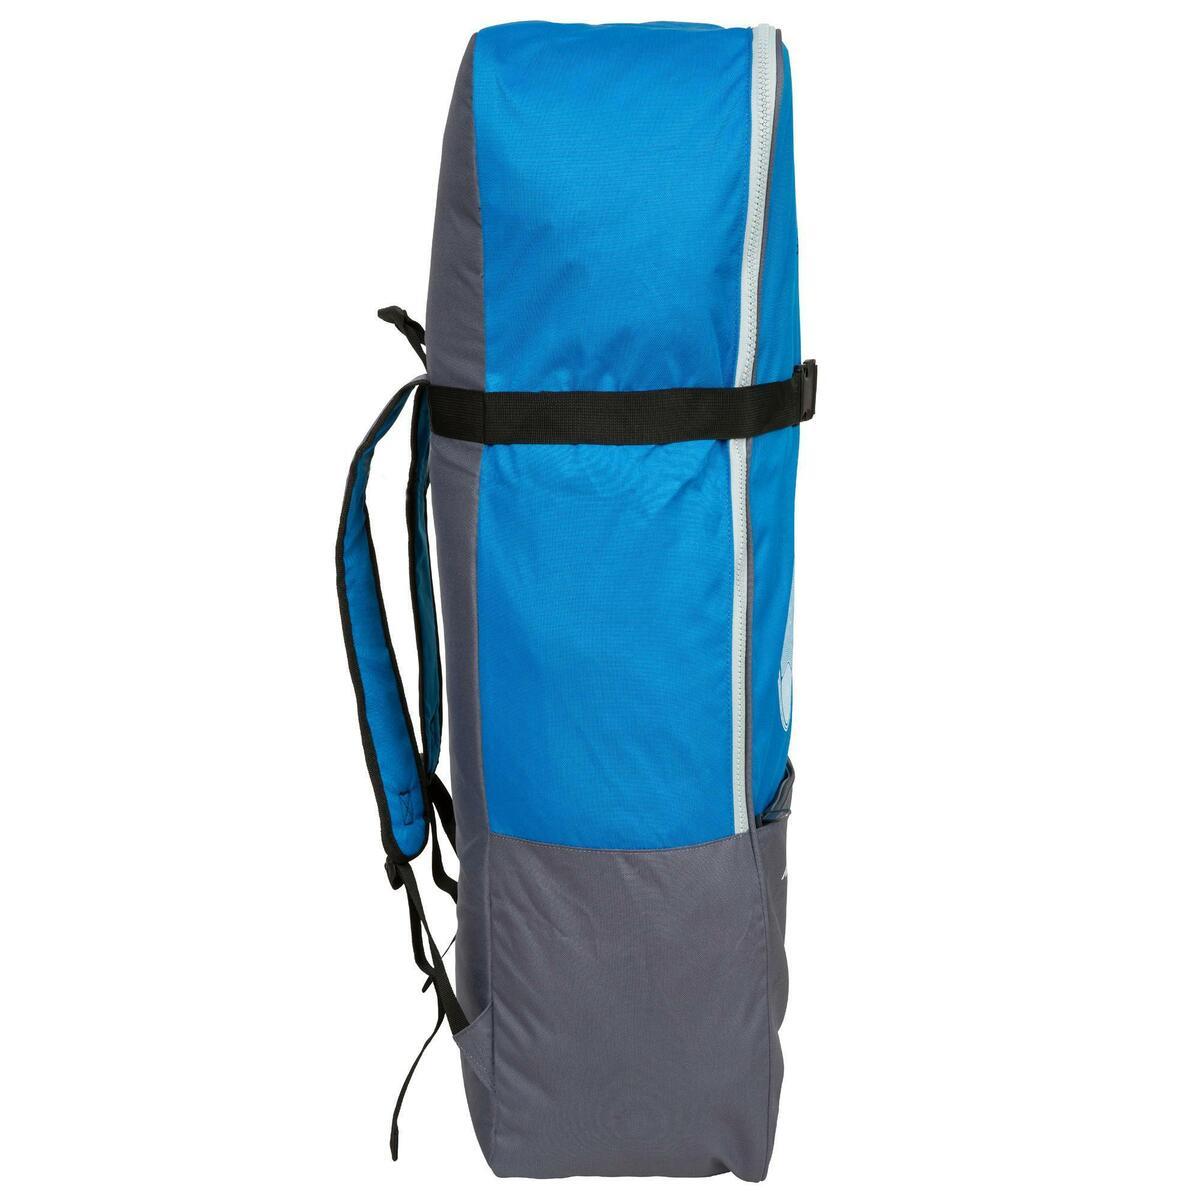 Bild 3 von Transporttasche Rucksack für Stand Up Paddle SUP Allround